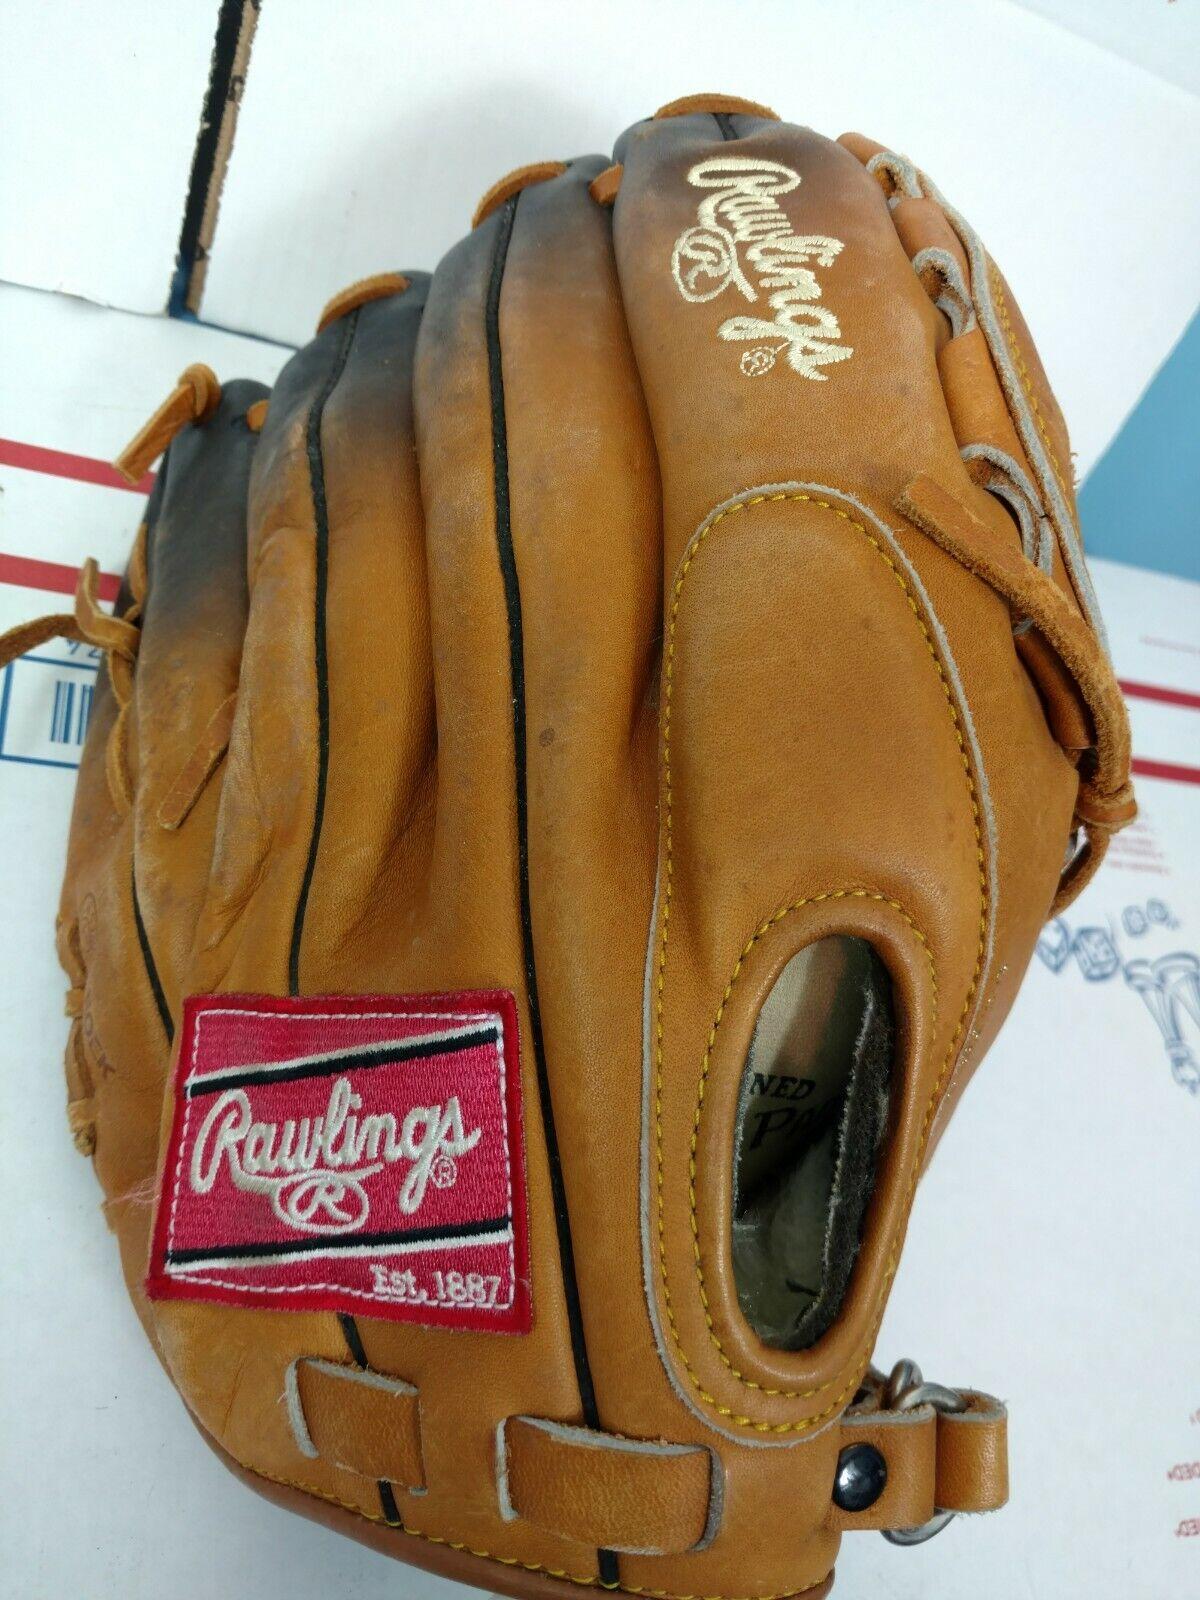 Rawlings destaCoche la serie  HL1000 12 pulgadas mano izquierda Guante De Béisbol De oro, lanzador de mano derecha  tienda en linea